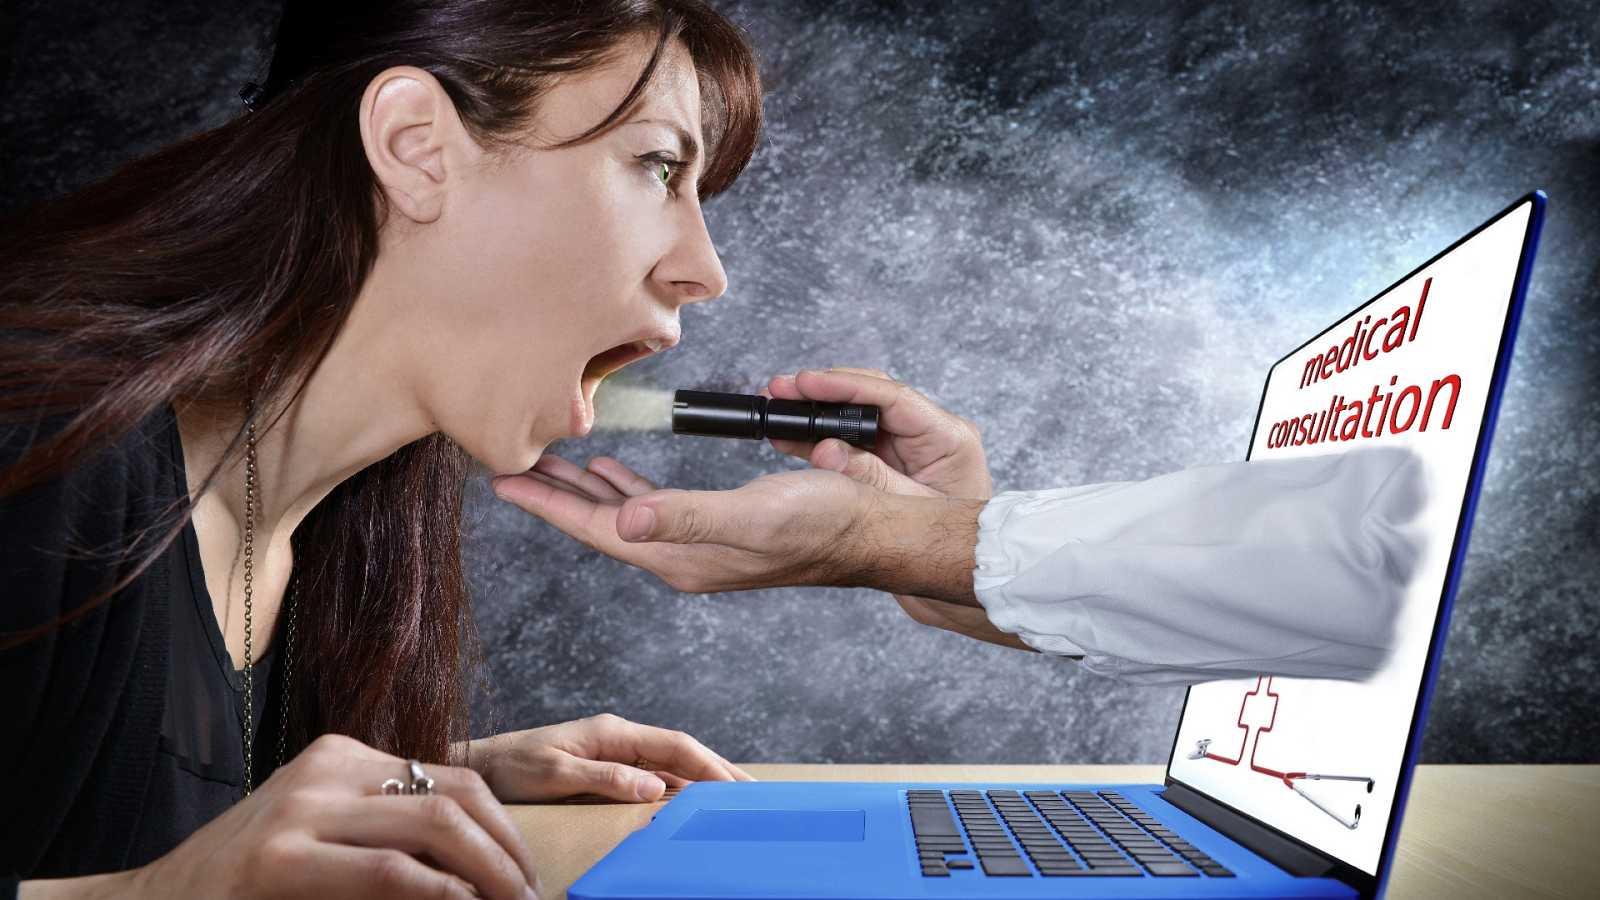 La disminución de las visitas al médico con motivo de la pandemia provoca un aumento de los cibercondríacos